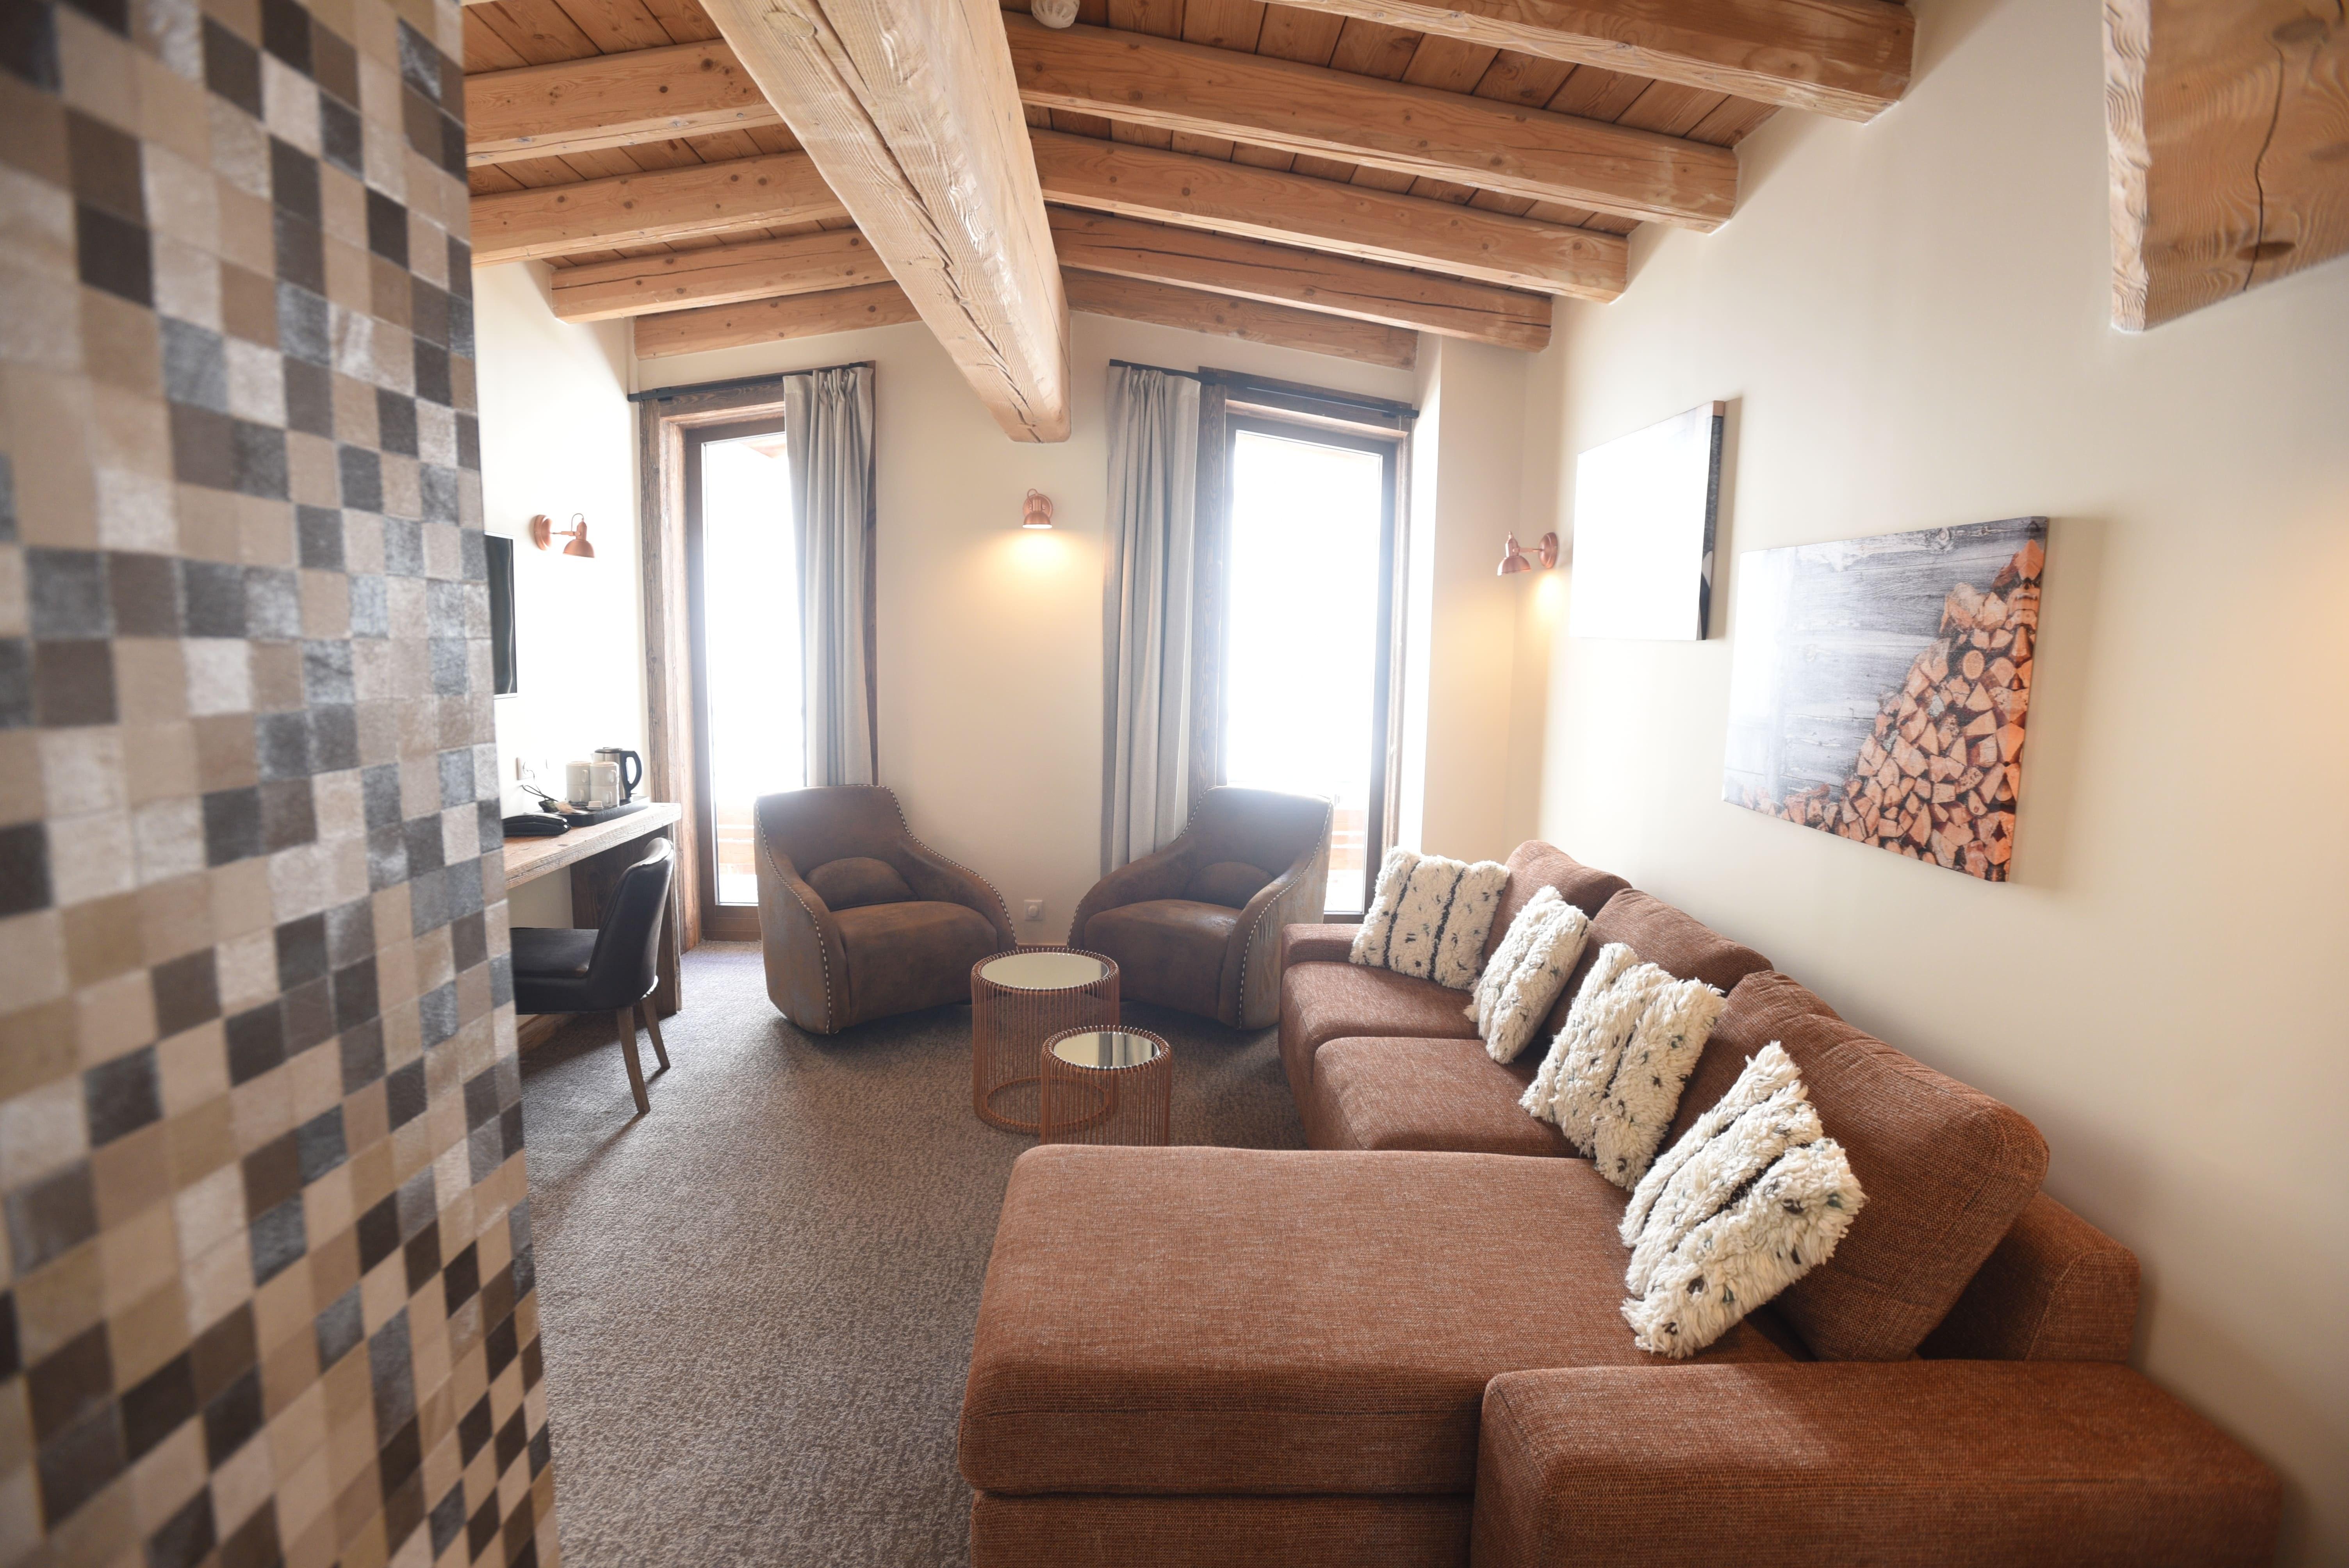 hotel-4-étoiles-val-d'isère-suite-deluxe-louis-salon